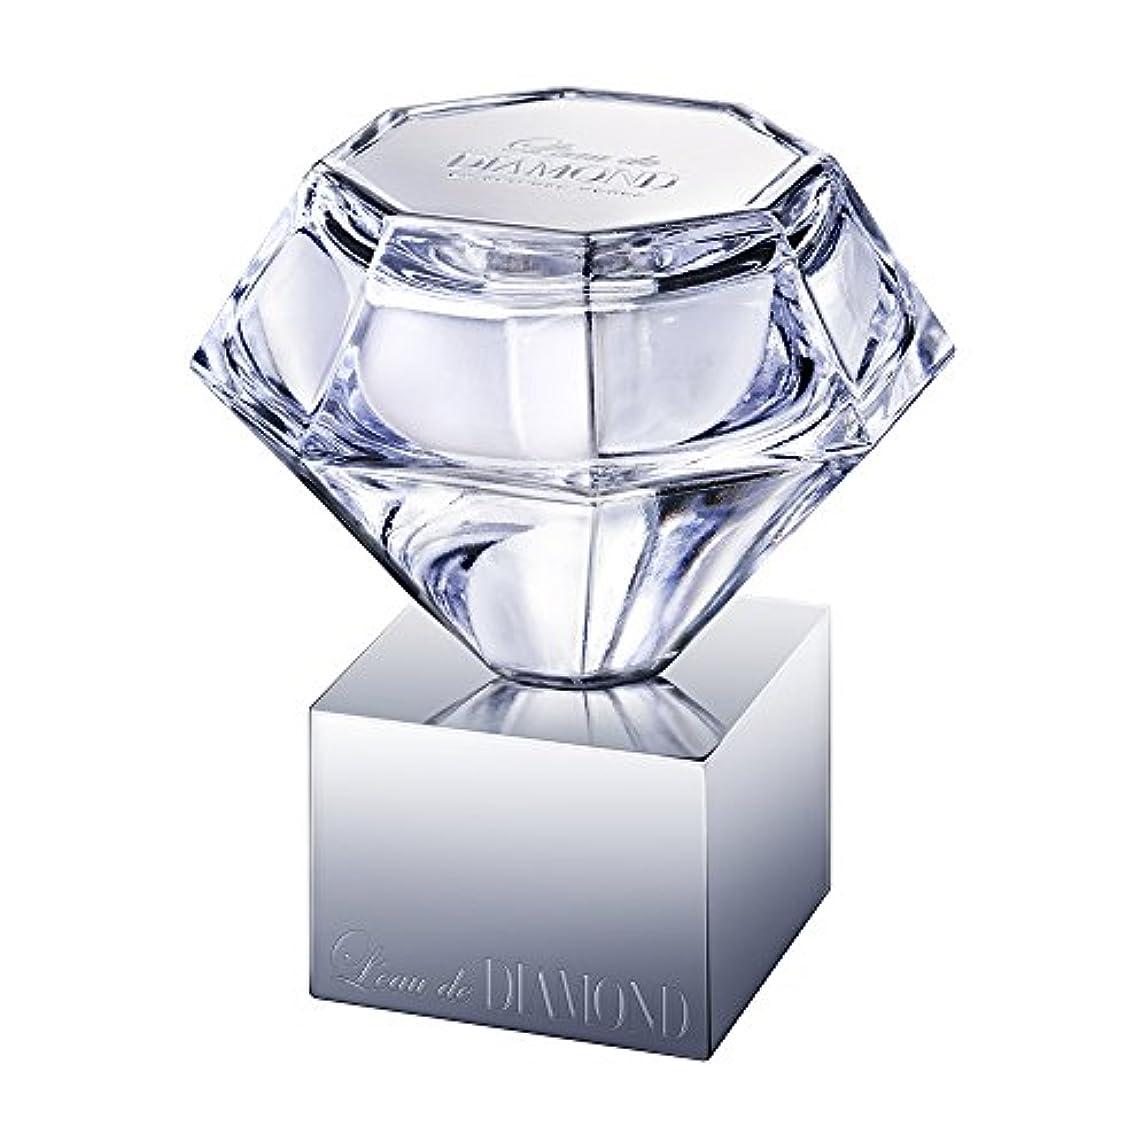 ワーム謙虚な酸素ロードダイアモンド バイ ケイスケ ホンダ オードパルファム(プールオム) 50ml